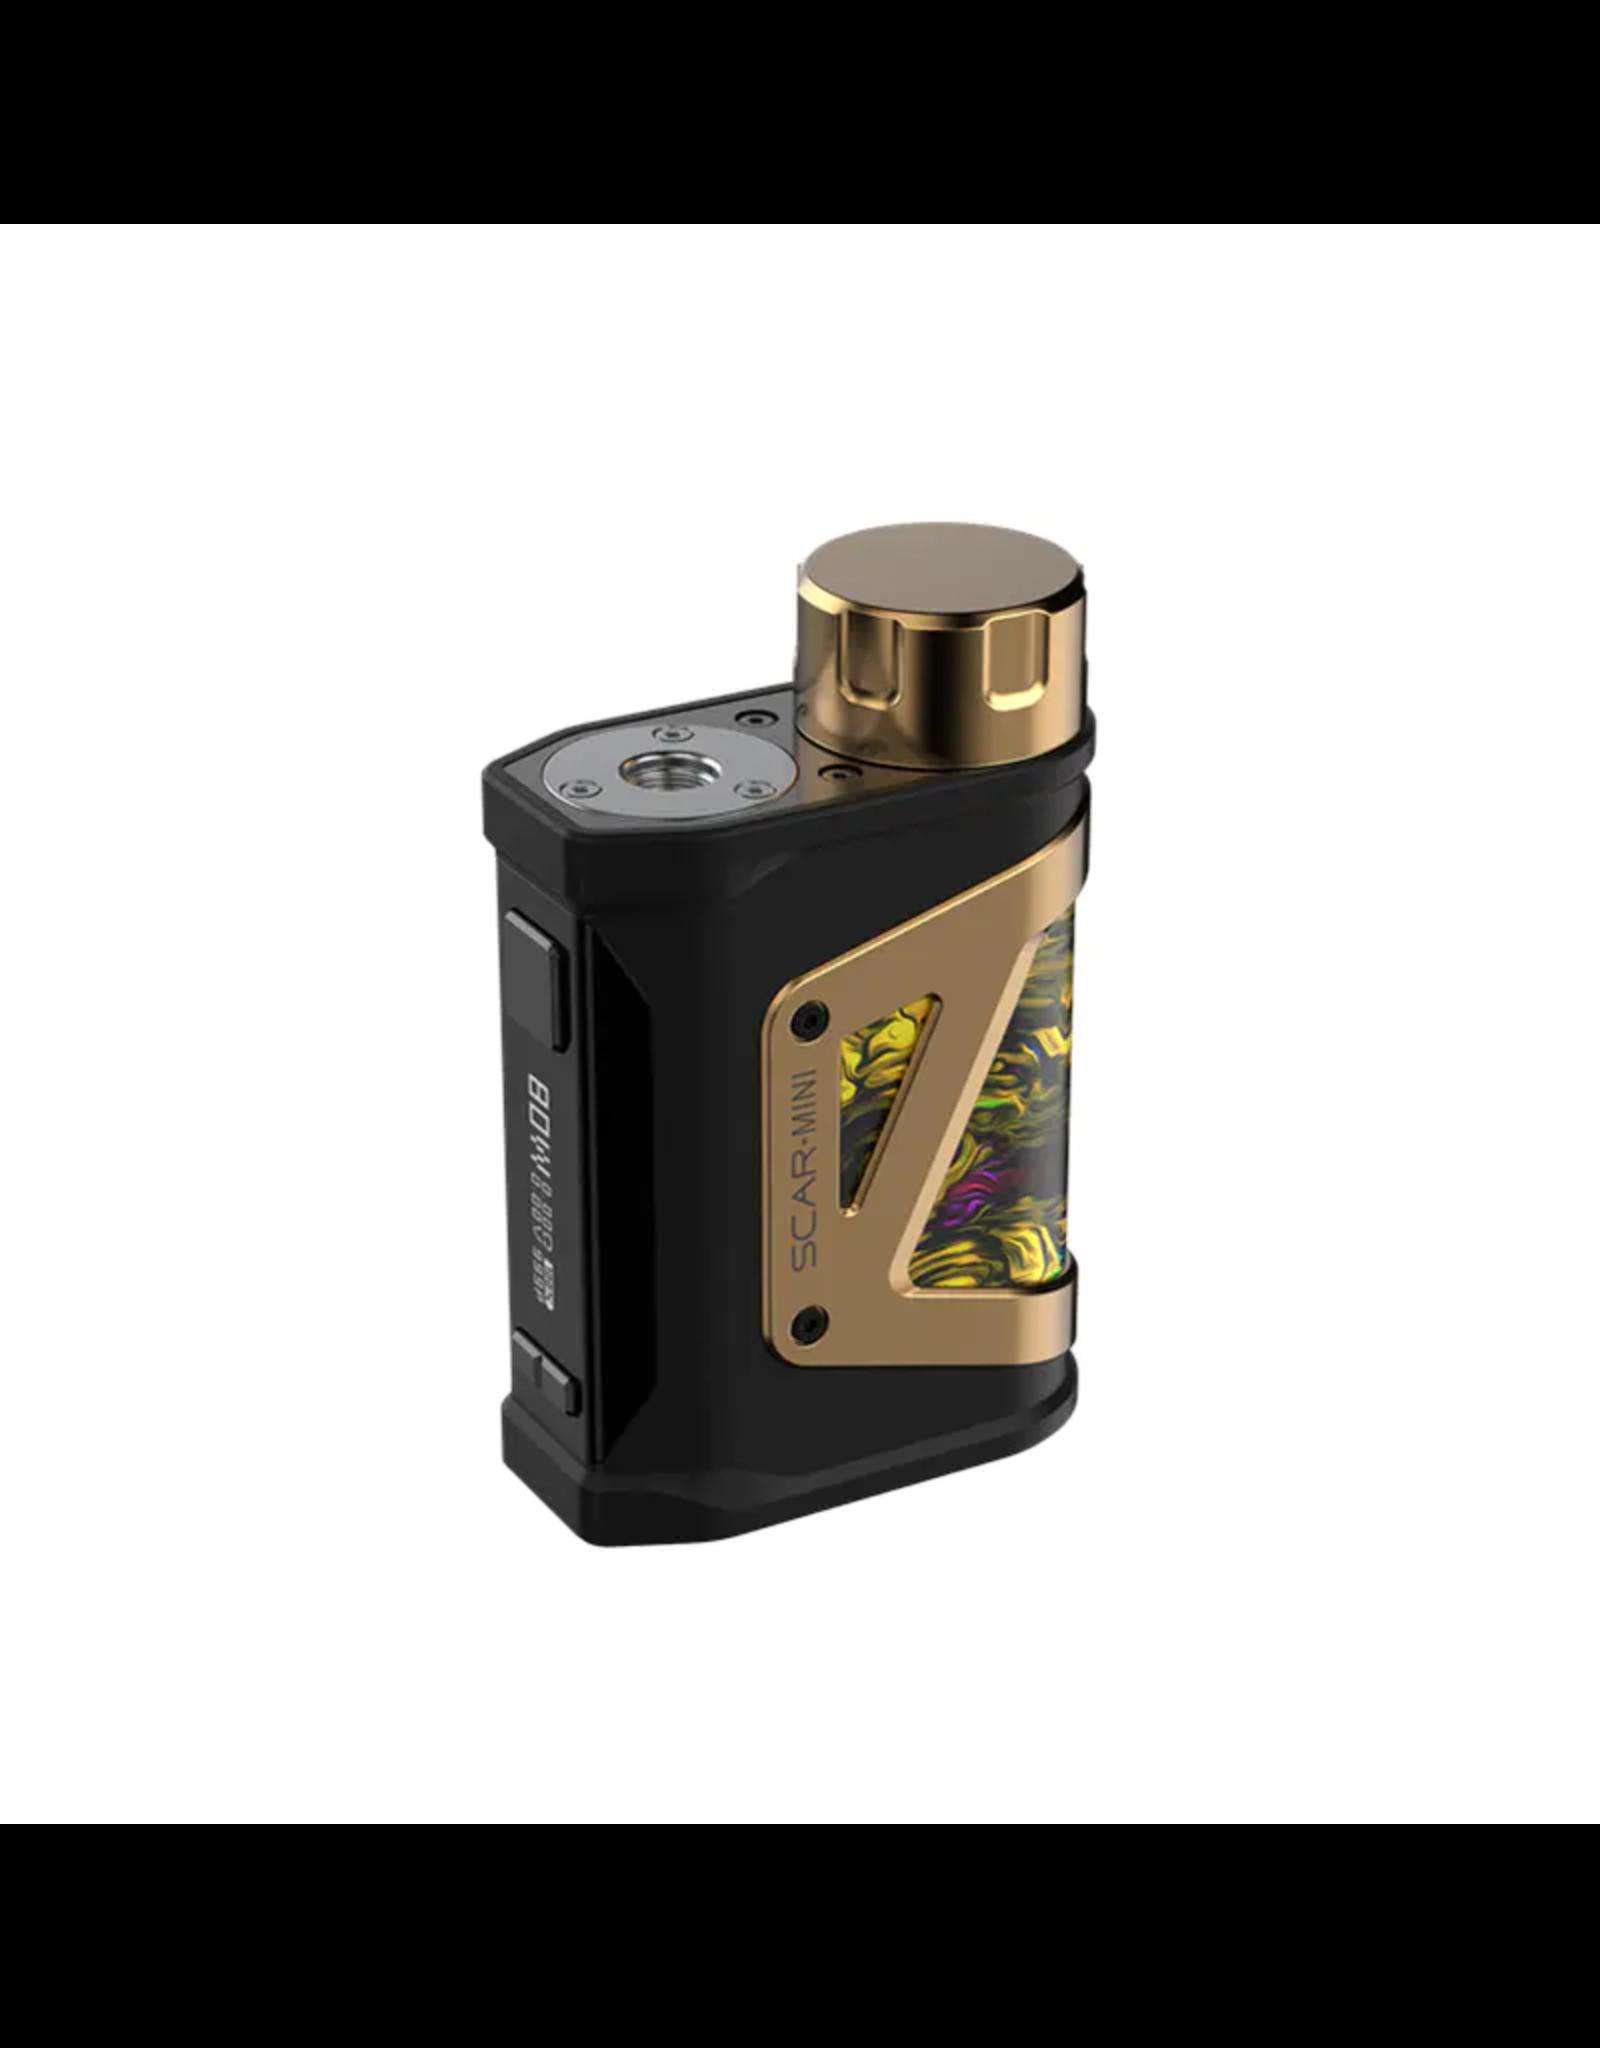 Smok Smok Scar-Mini Box Mod